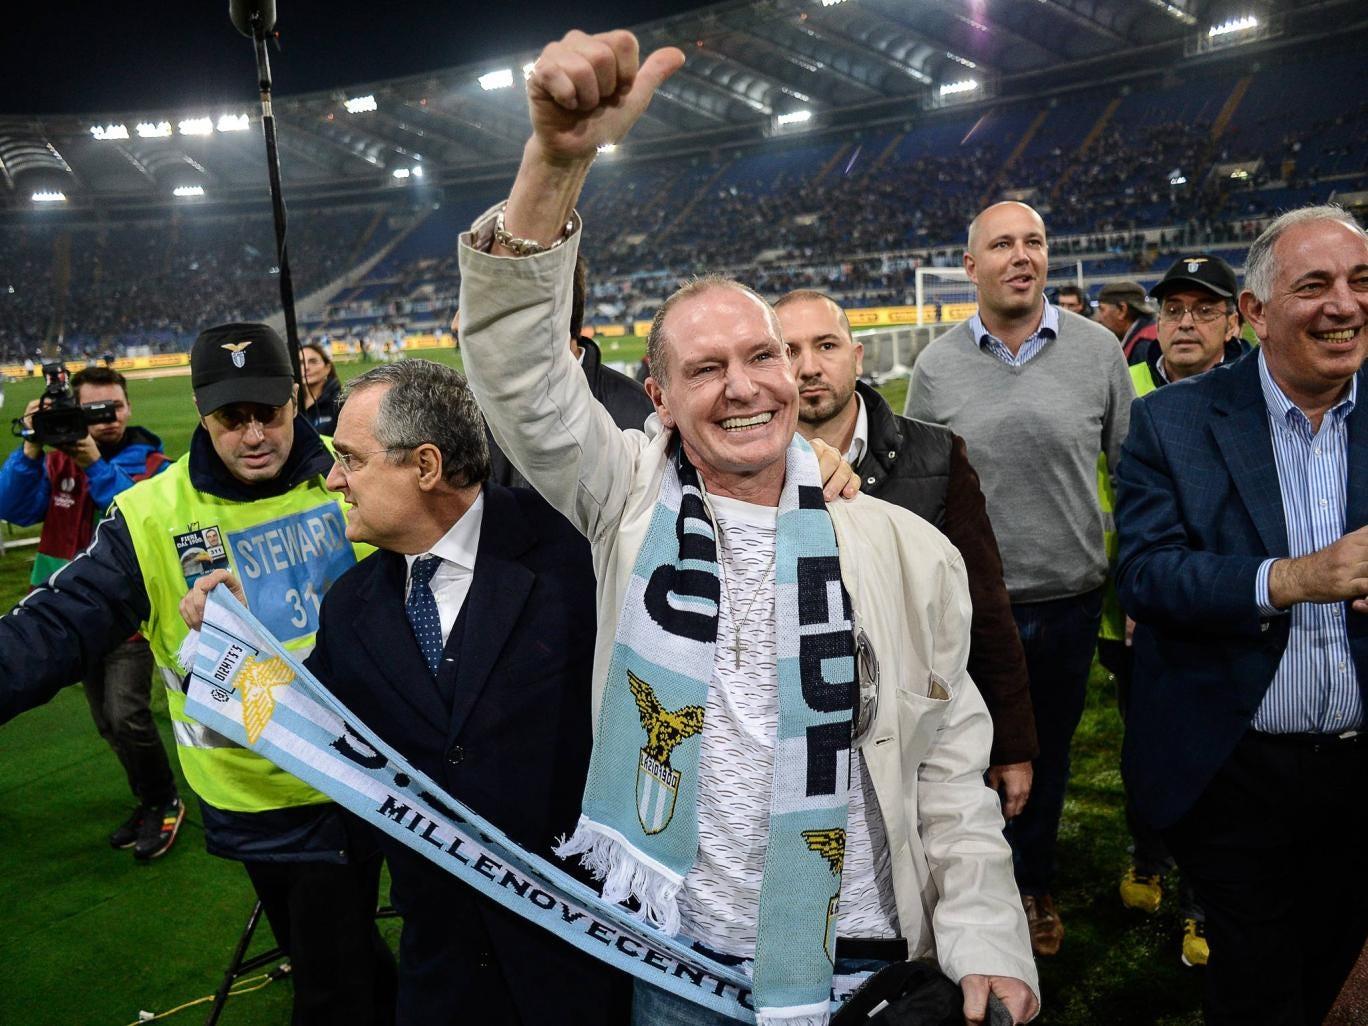 Paul Gascoigne pictured in November last year at a Lazio match